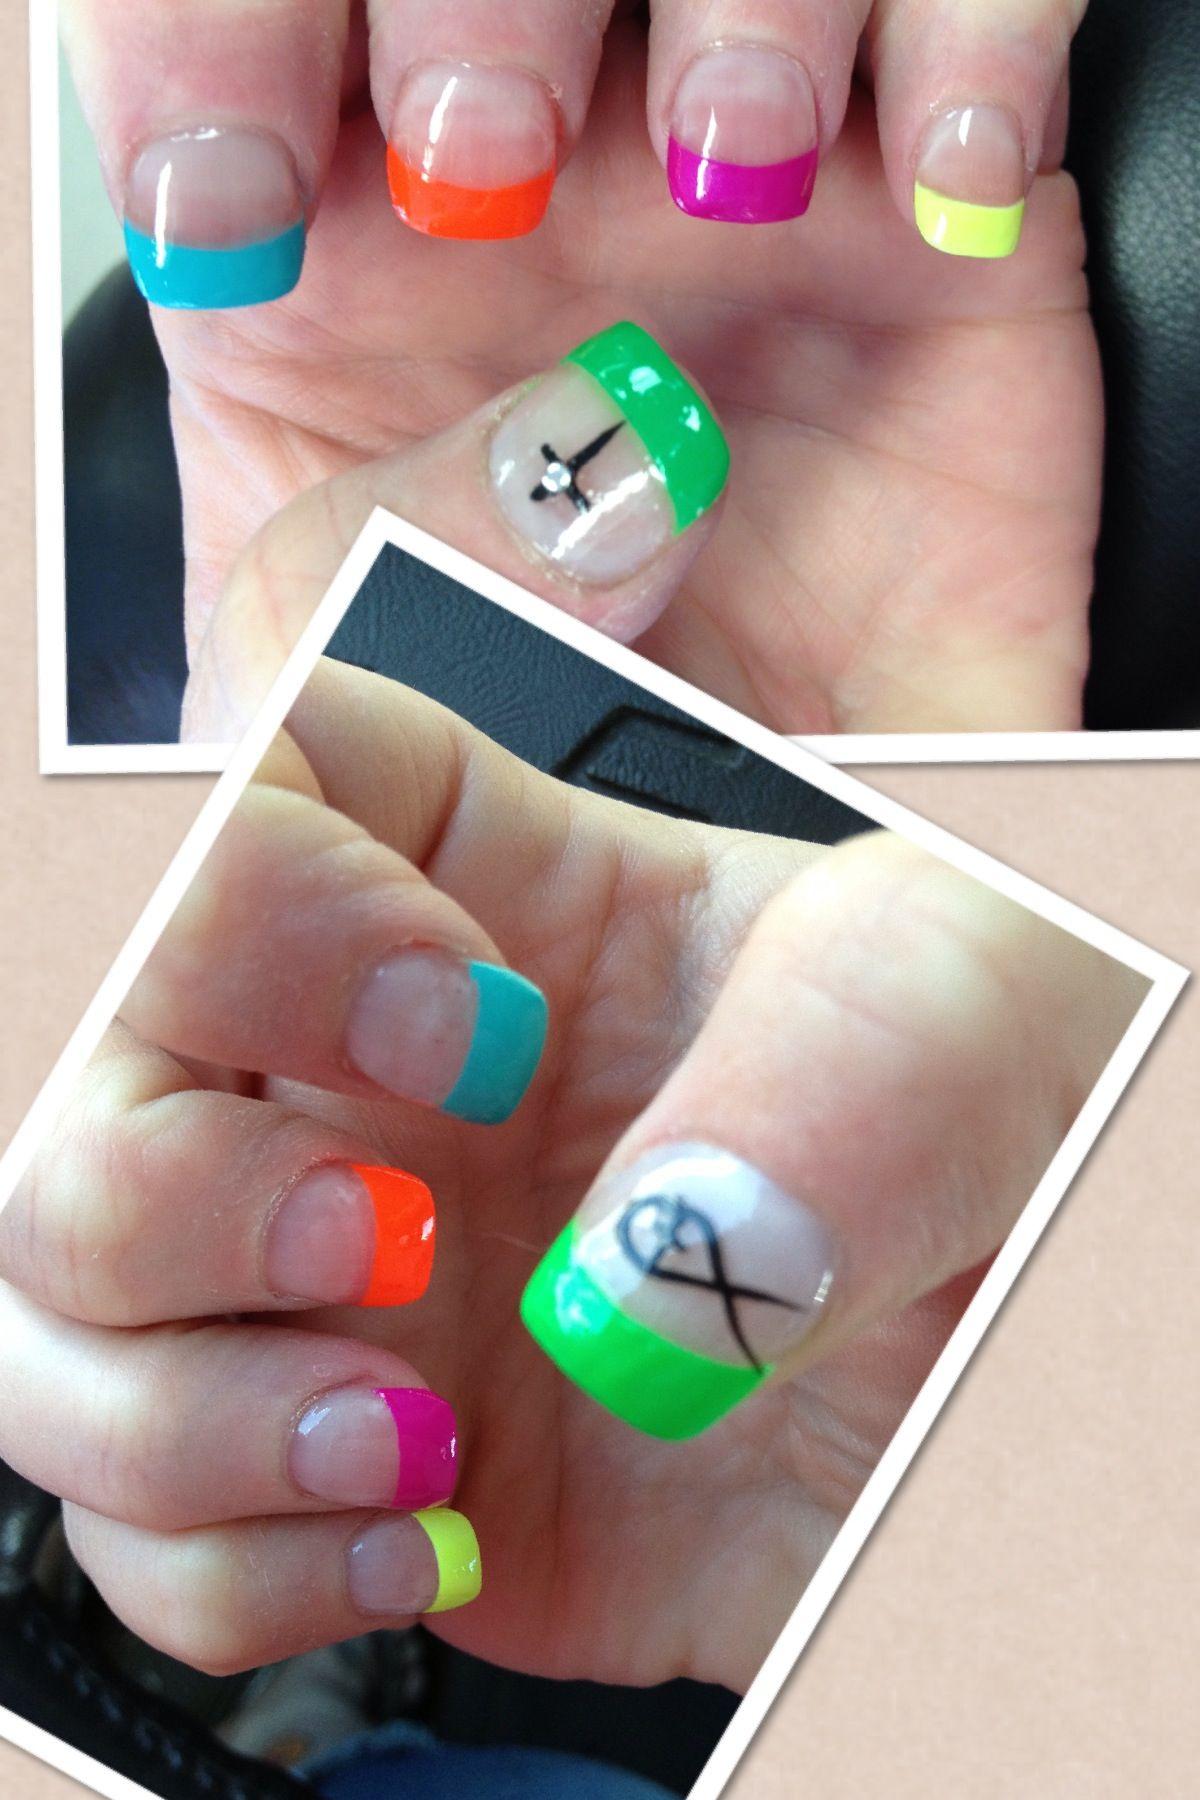 #christian nails art #summer nails #bright nails | See more nail designs at - Christian Nails Art #summer Nails #bright Nails See More Nail